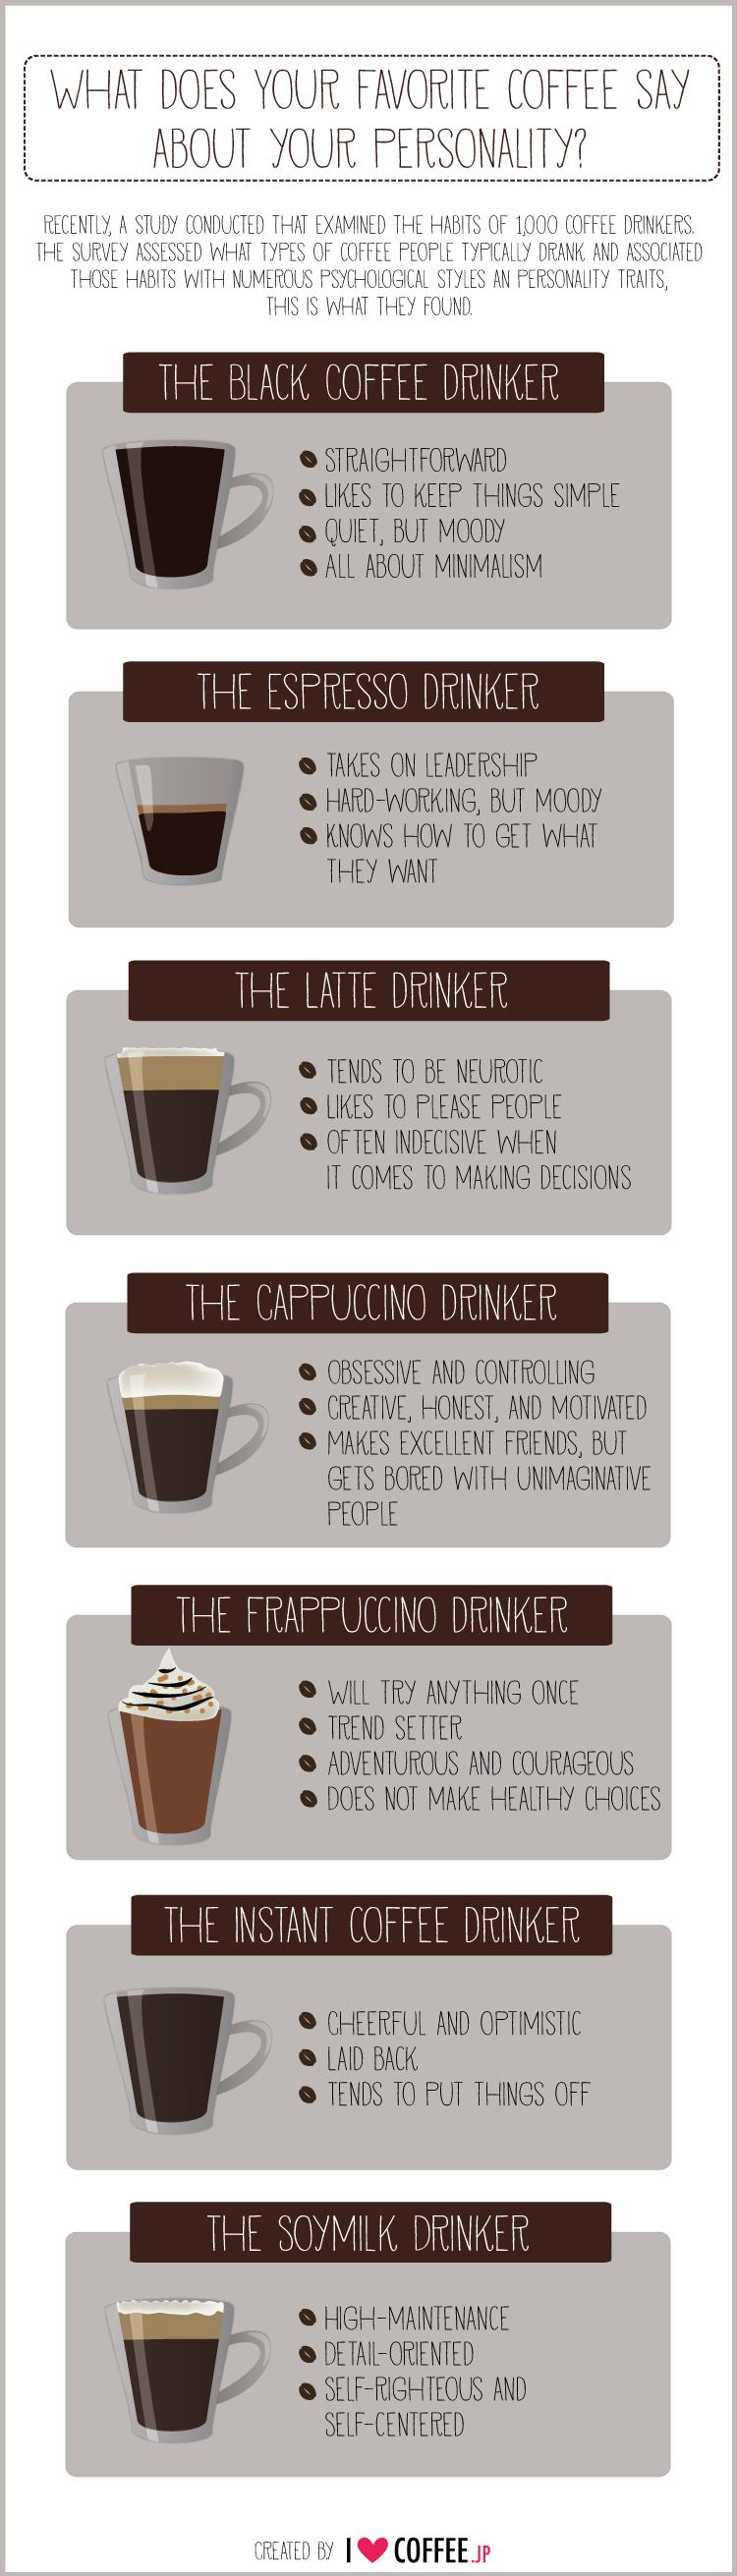 Infografik über den Zusammenhang zwischen Kaffeegenuss und Persönlichkeit